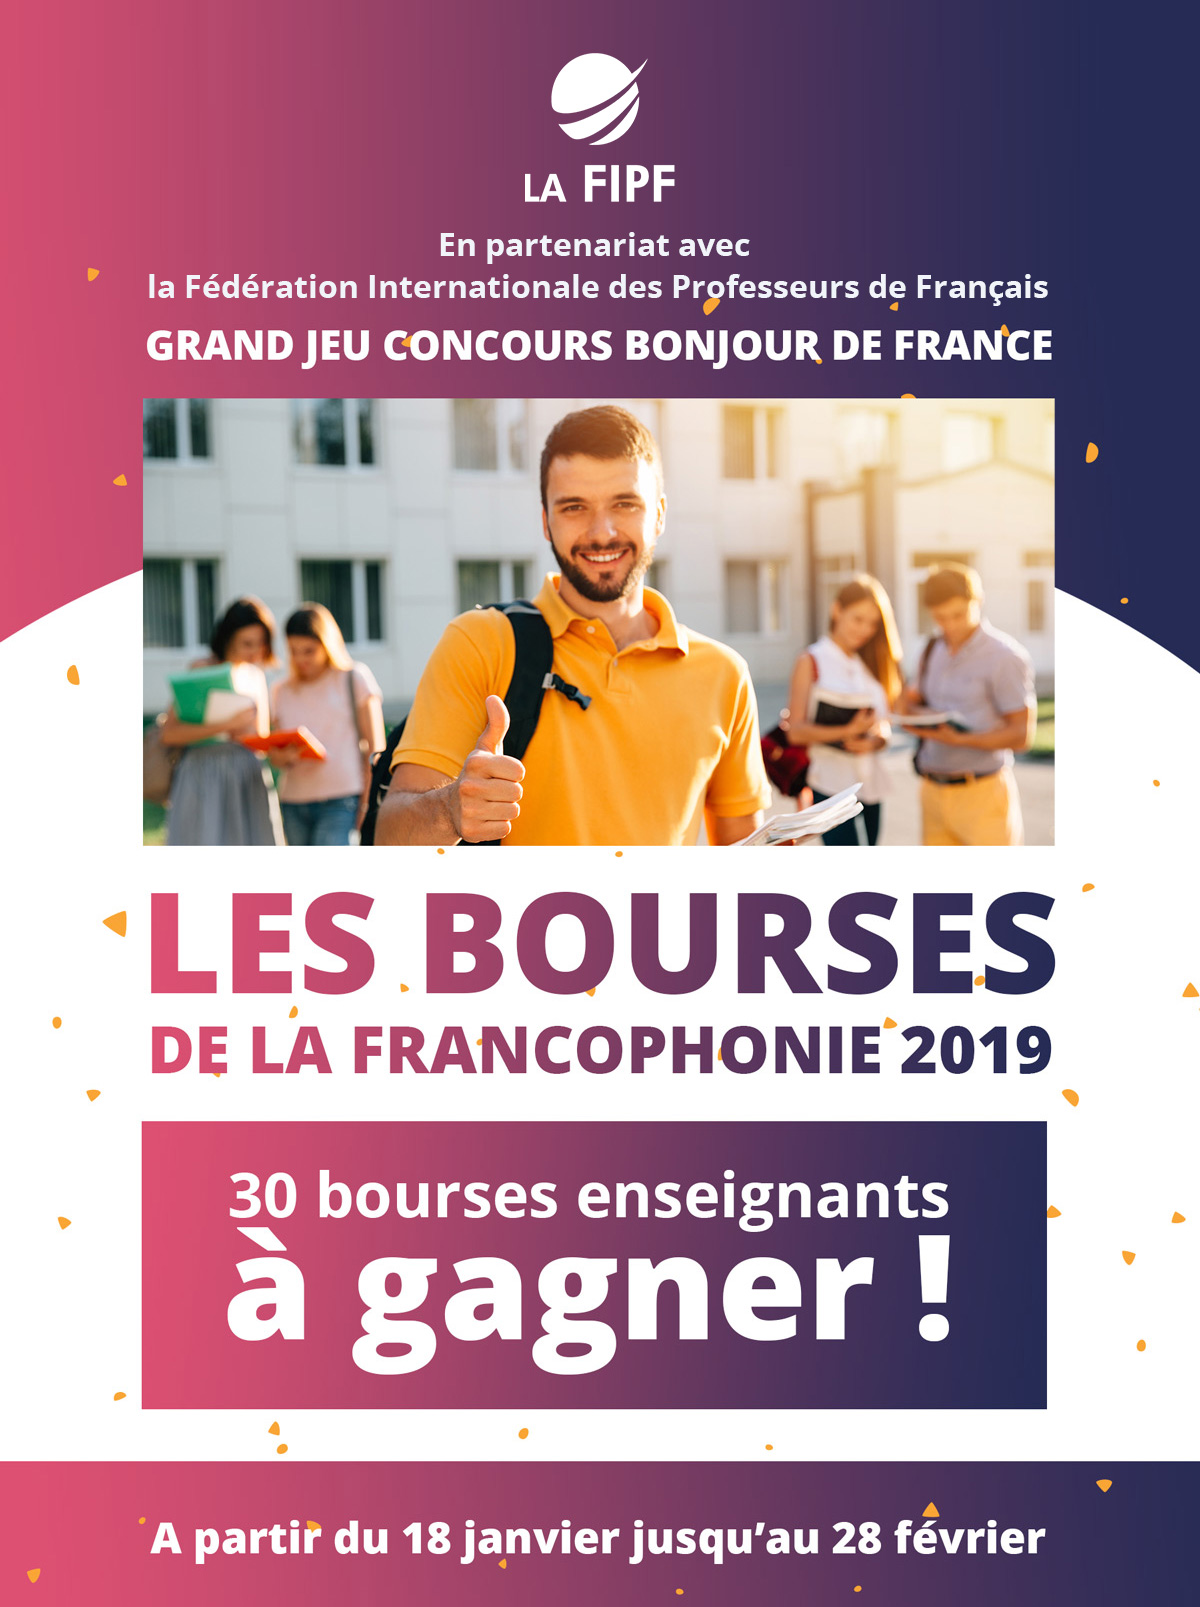 Bourse de la francophonie 2019